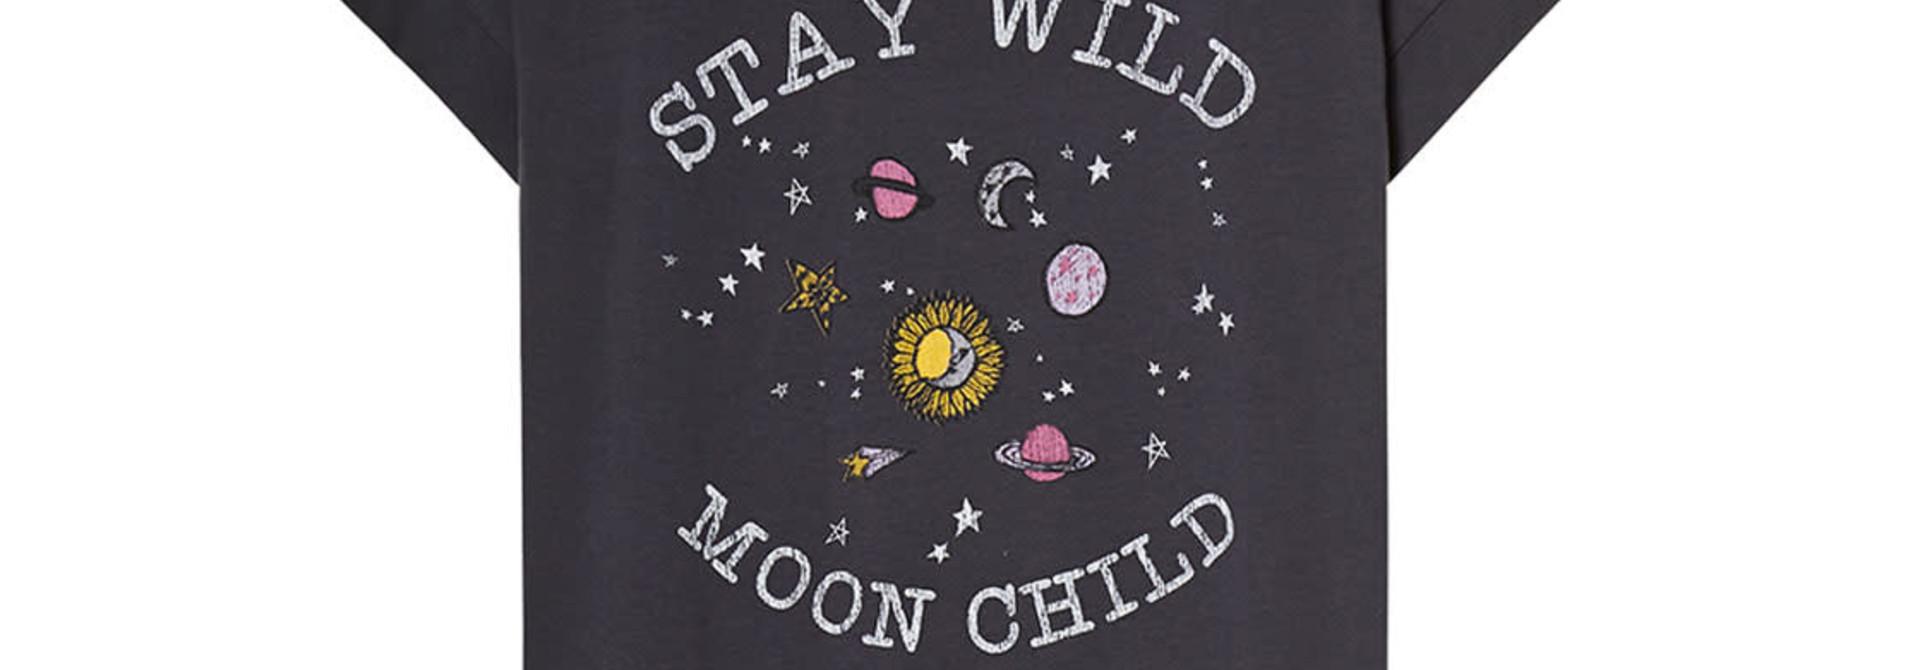 Tee stay wild moon child